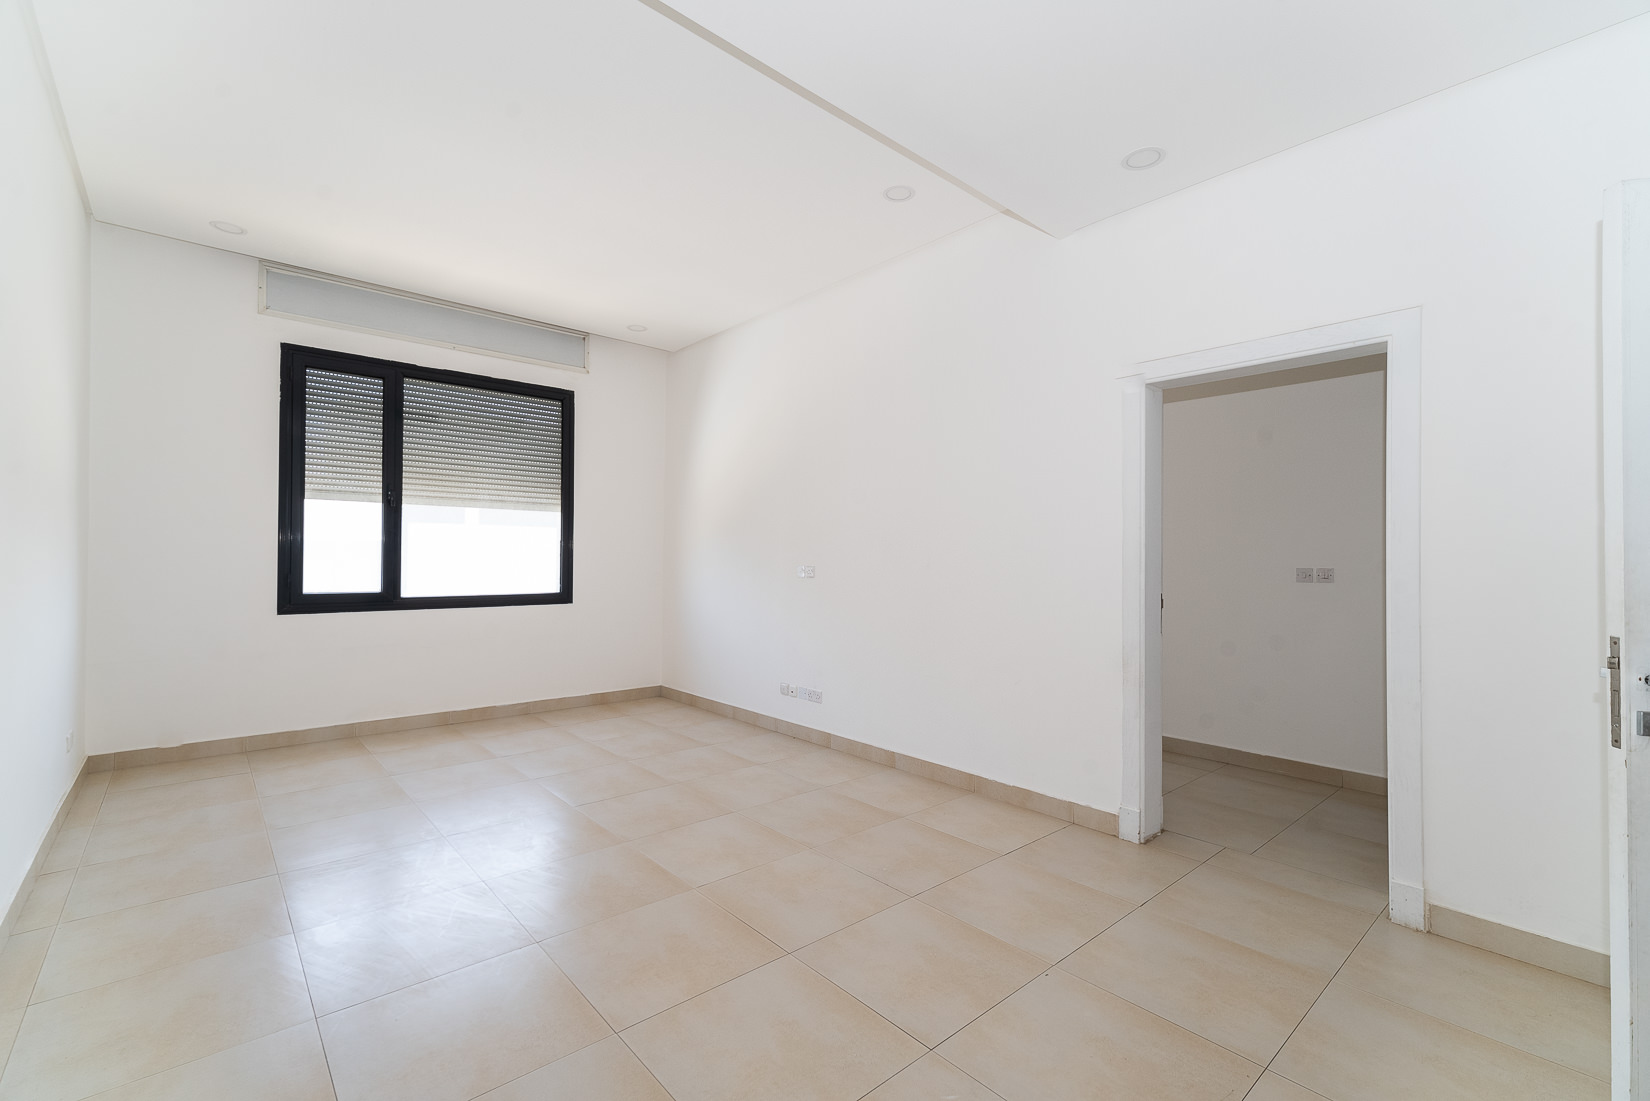 Fnaitees – unfurnished, three bedroom apartment